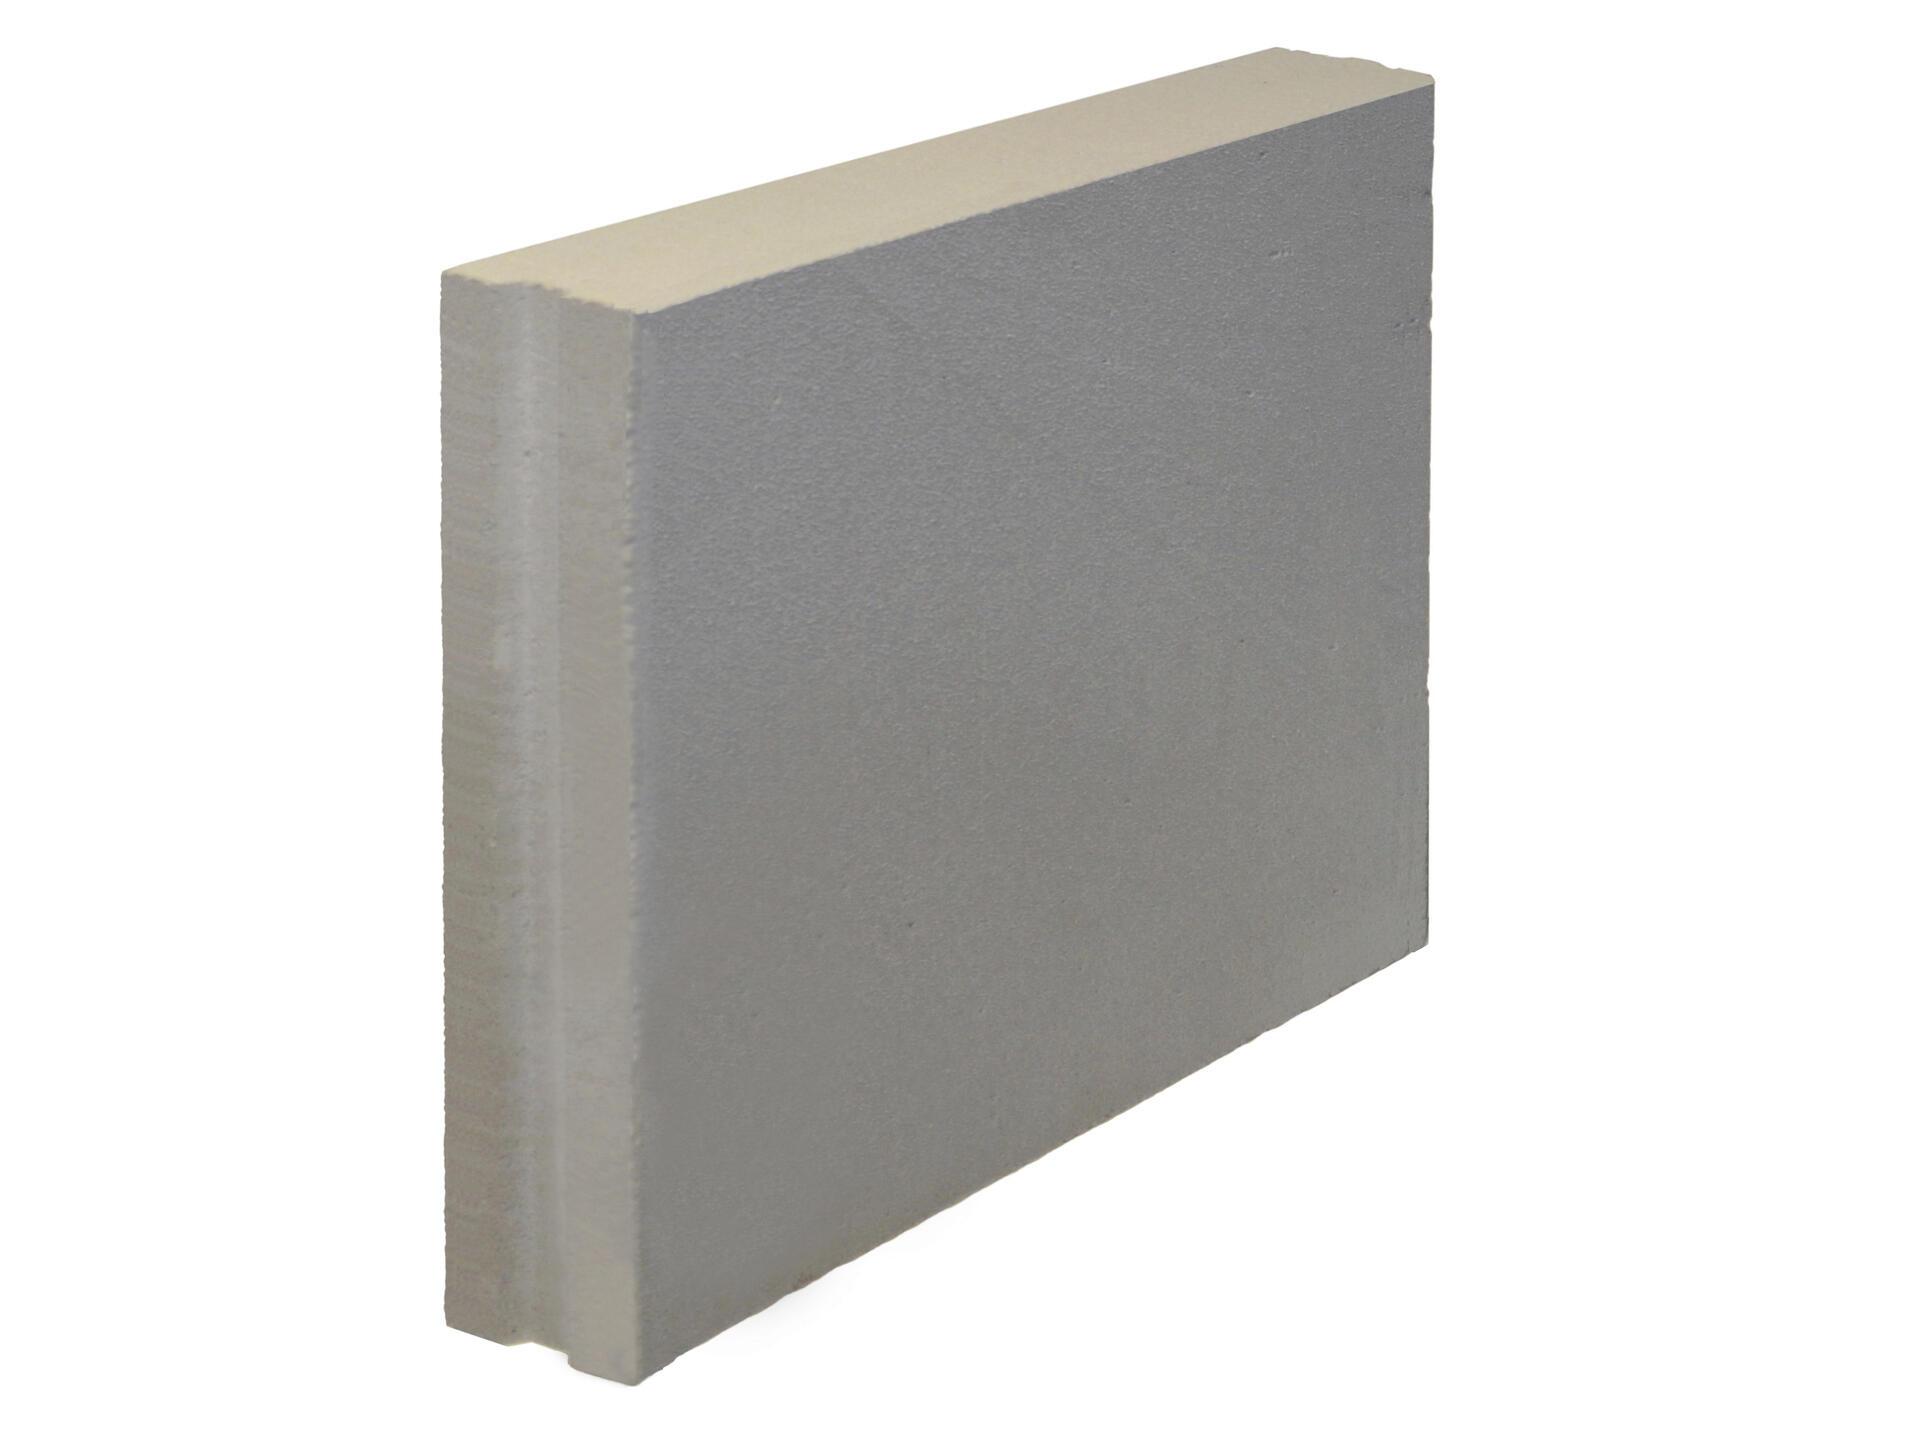 Ytong Bloc en béton cellulaire 60x10x50 cm rainuré et languetté